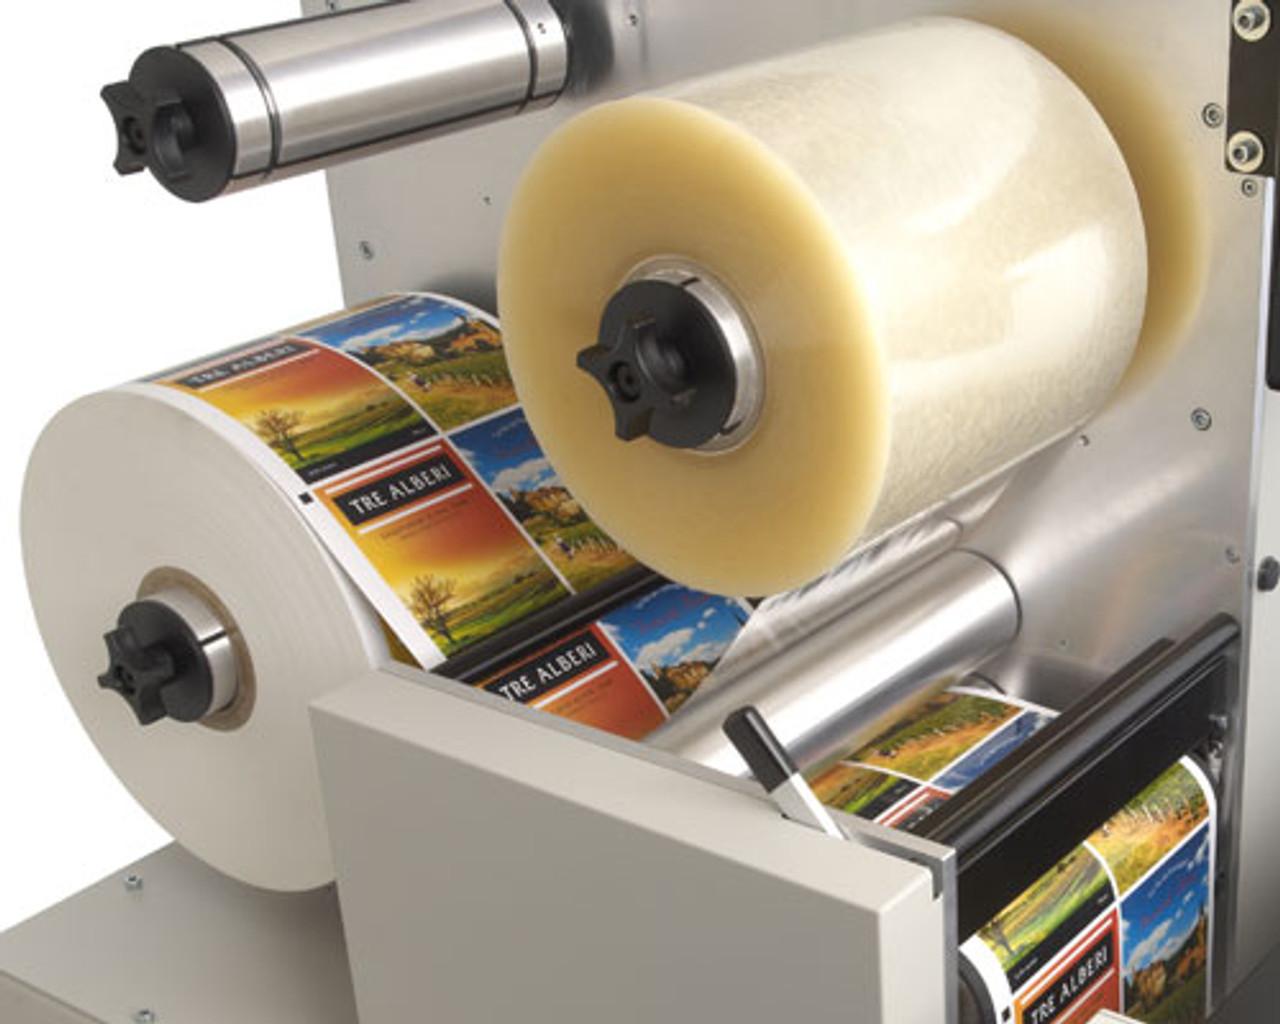 Unwinder & lamination on Primera FX1200 label finishing system